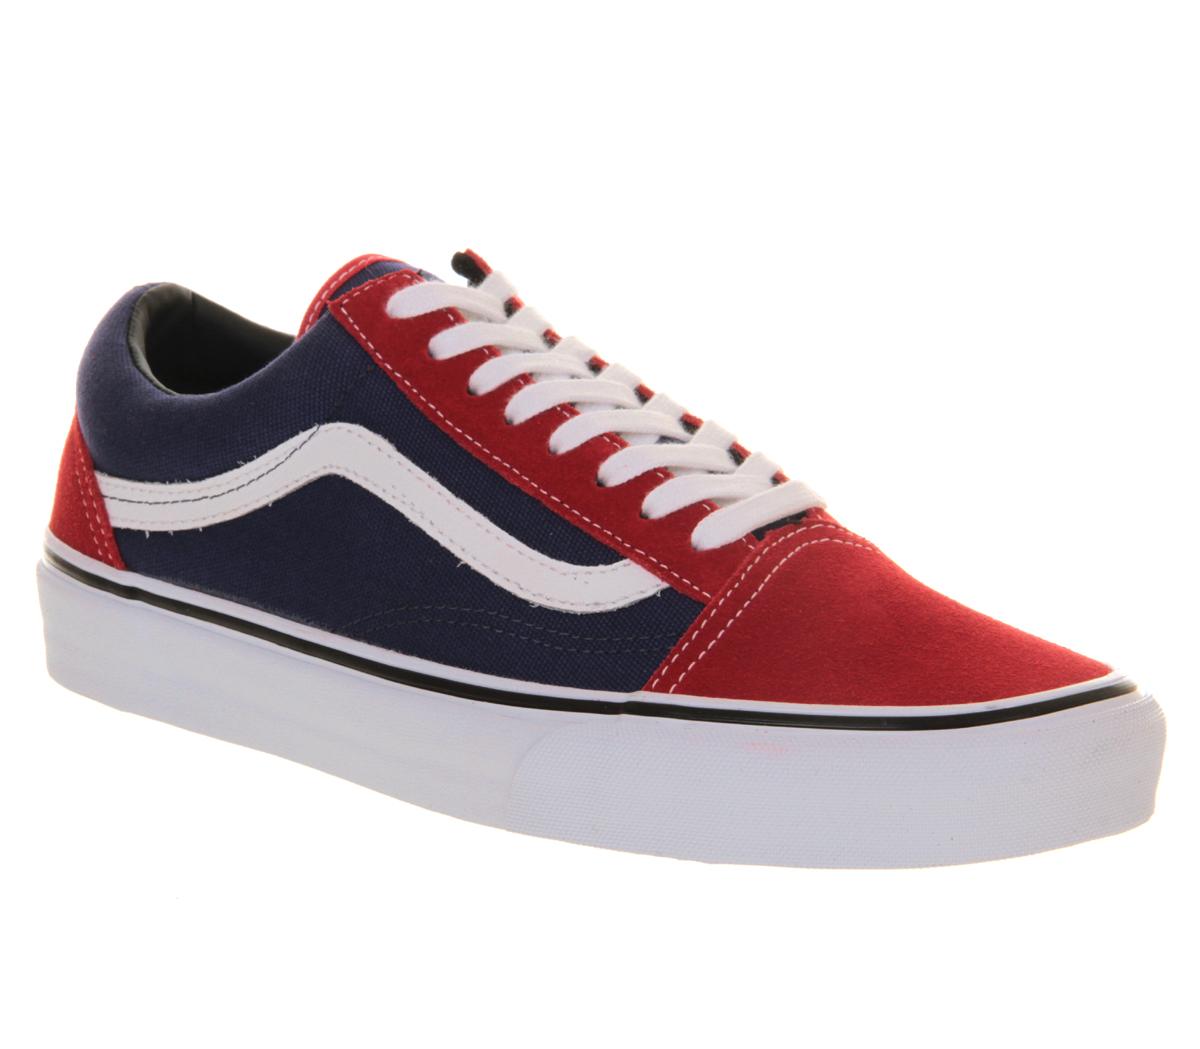 red old skool vans shoes men